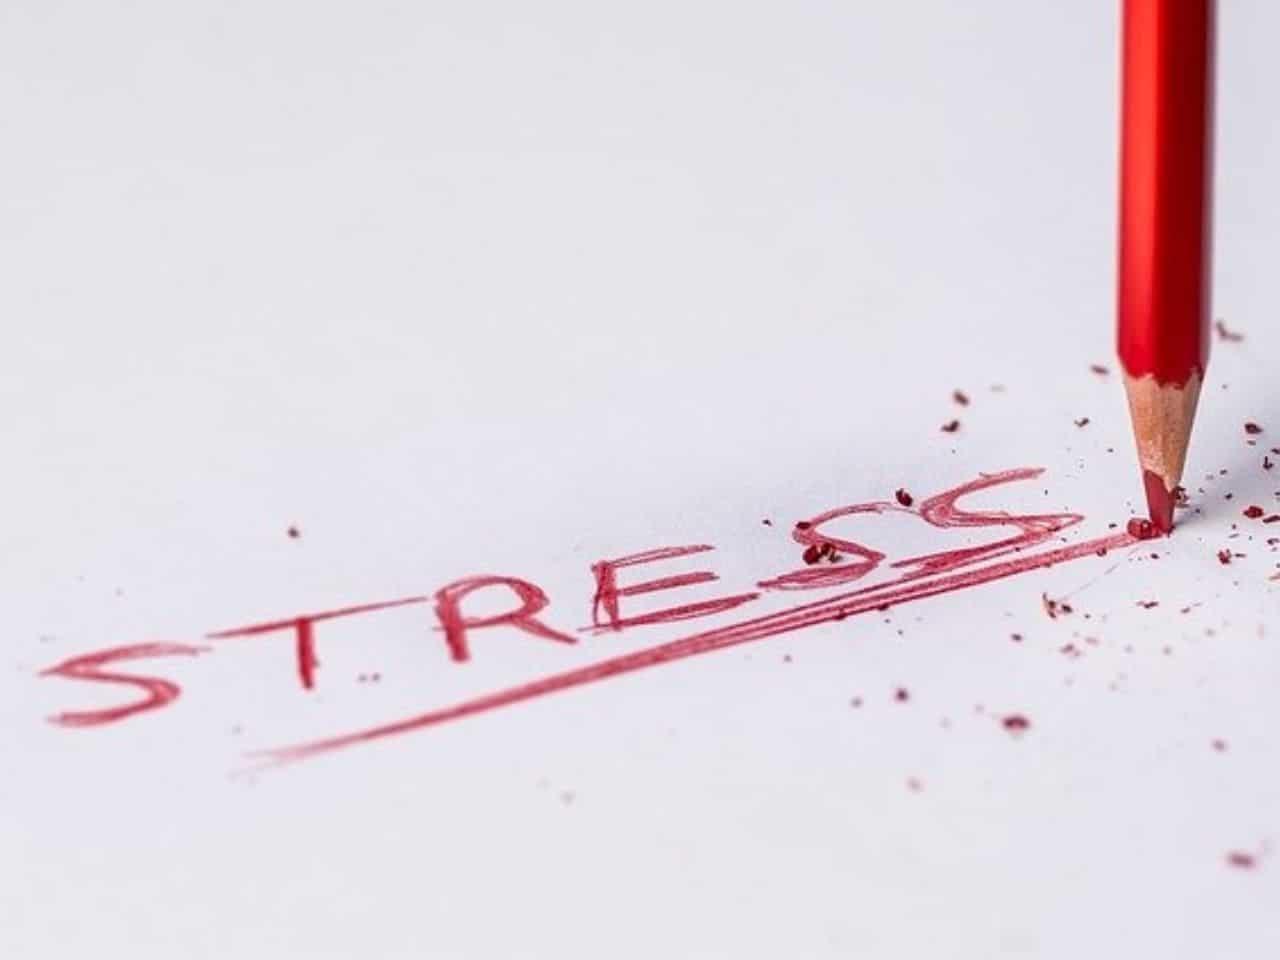 赤鉛筆でストレスを激しく書かれた文字